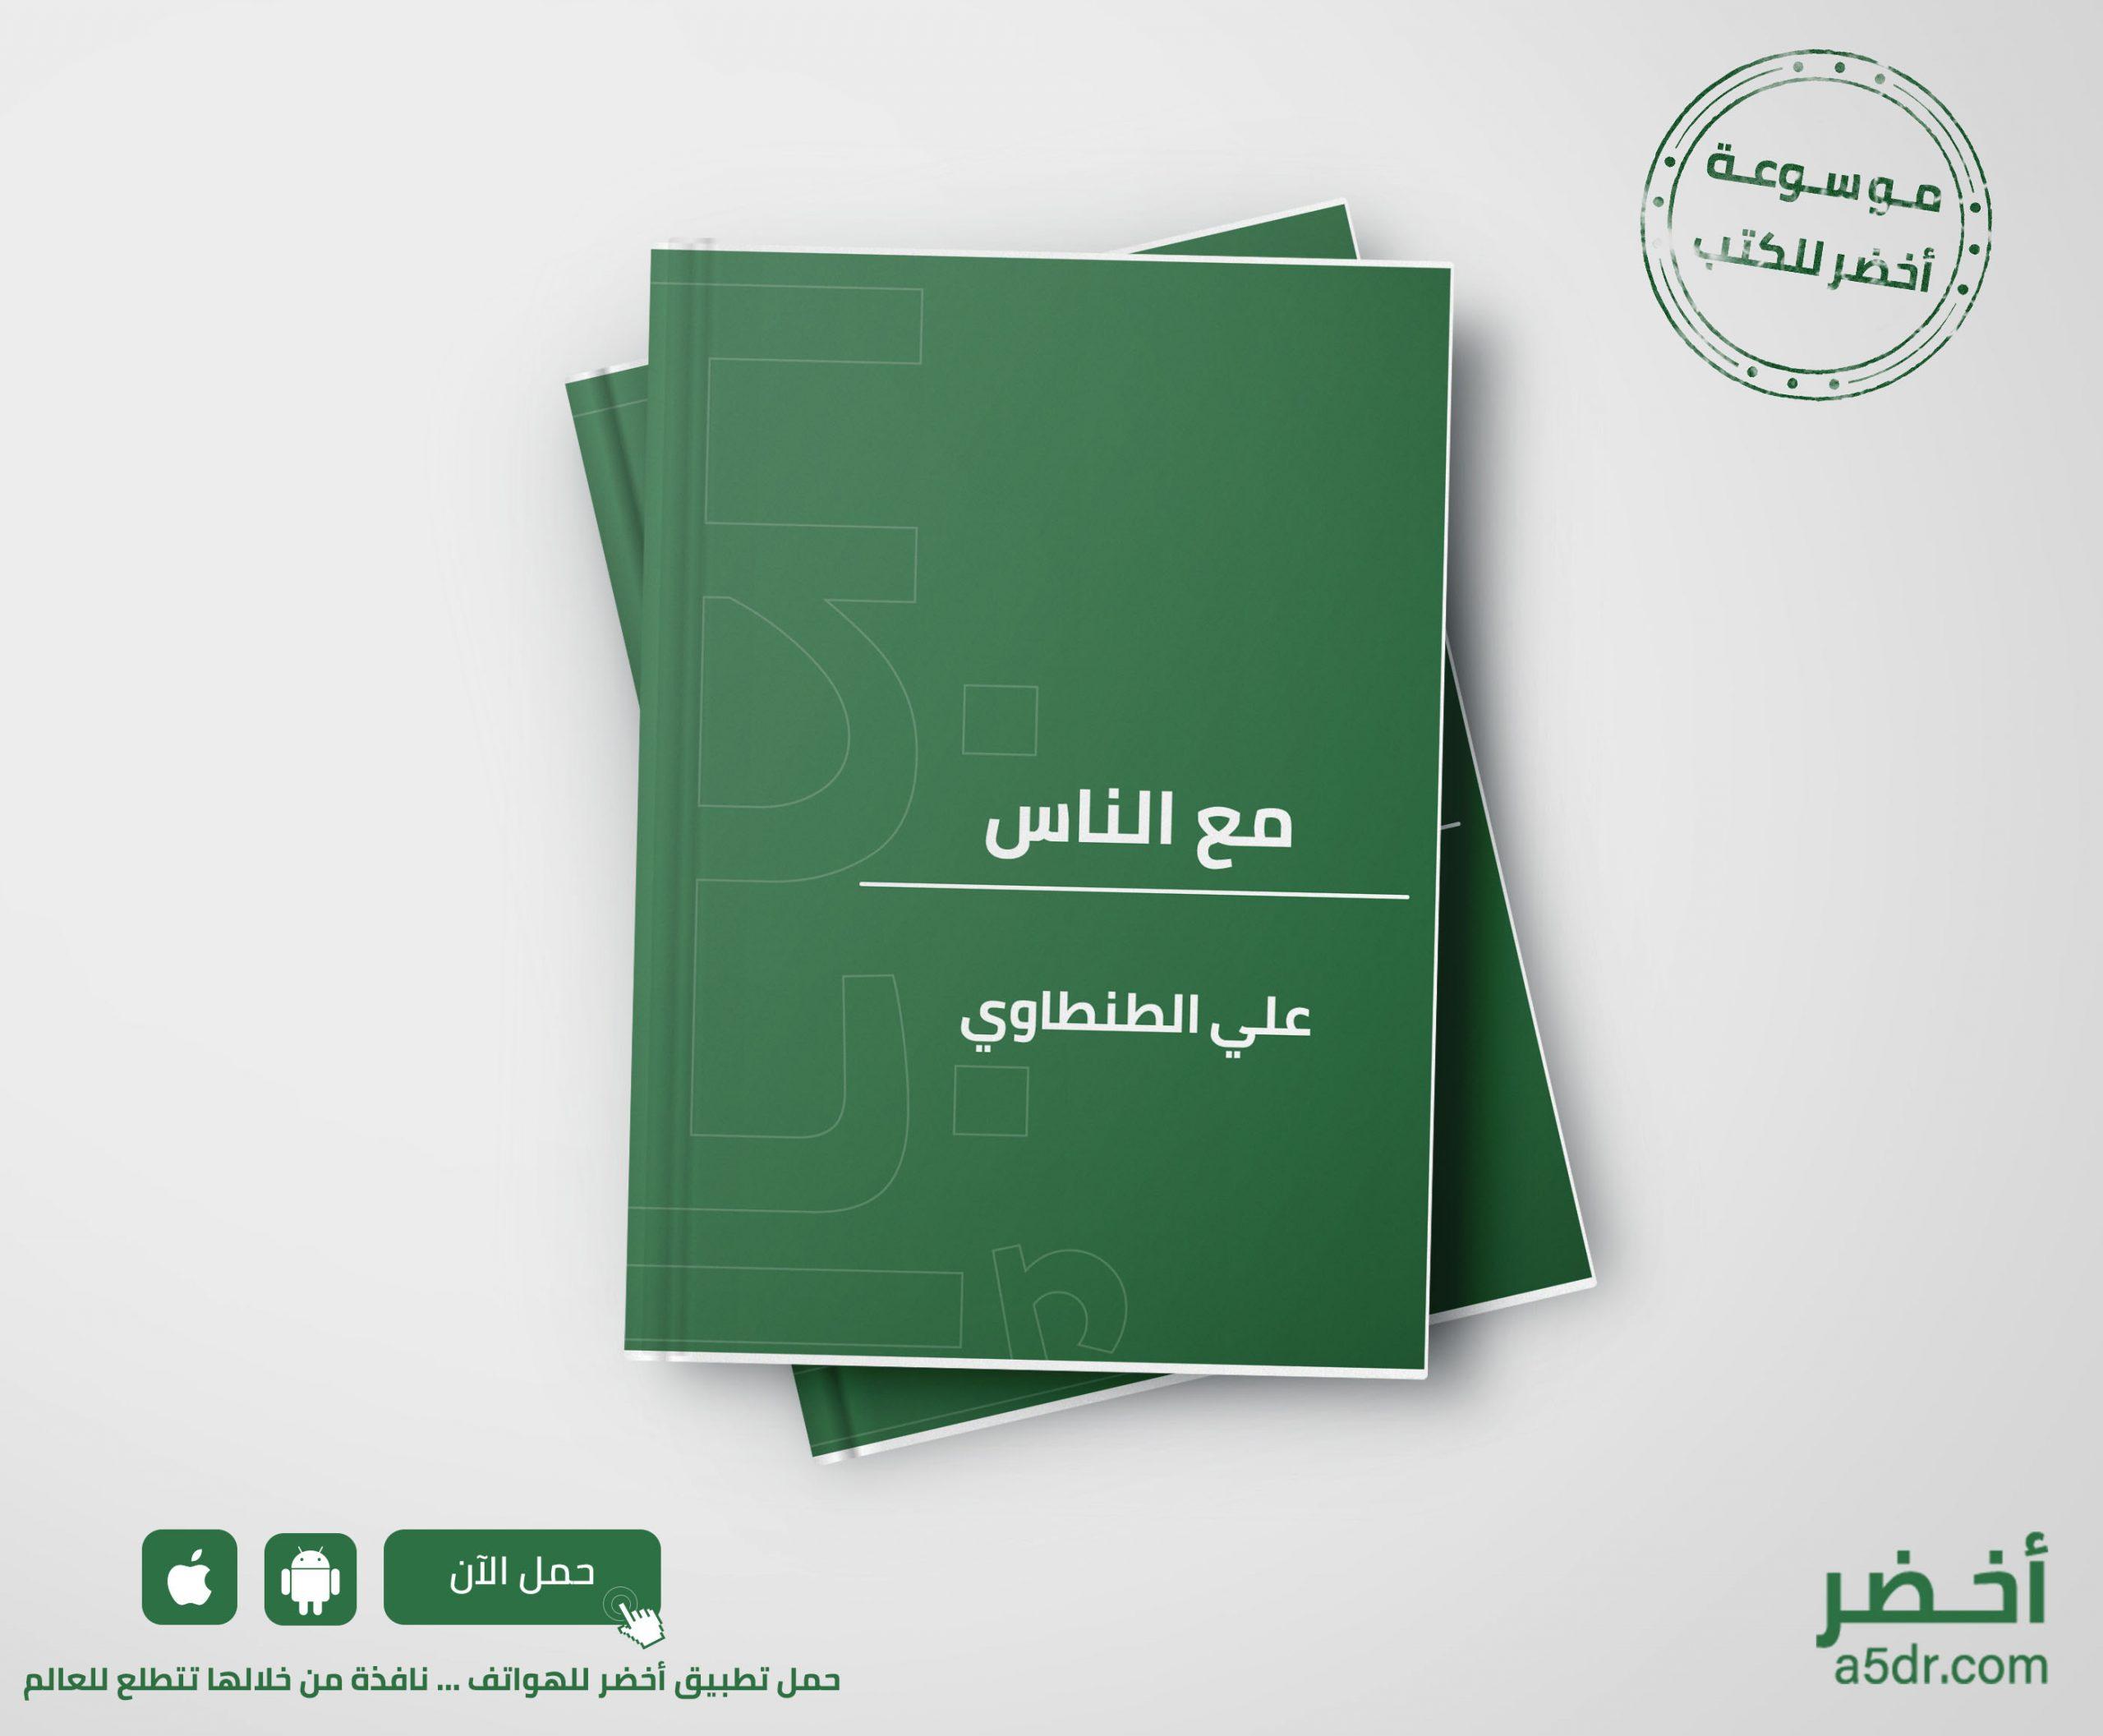 كتاب مع الناس - علي الطنطاوي